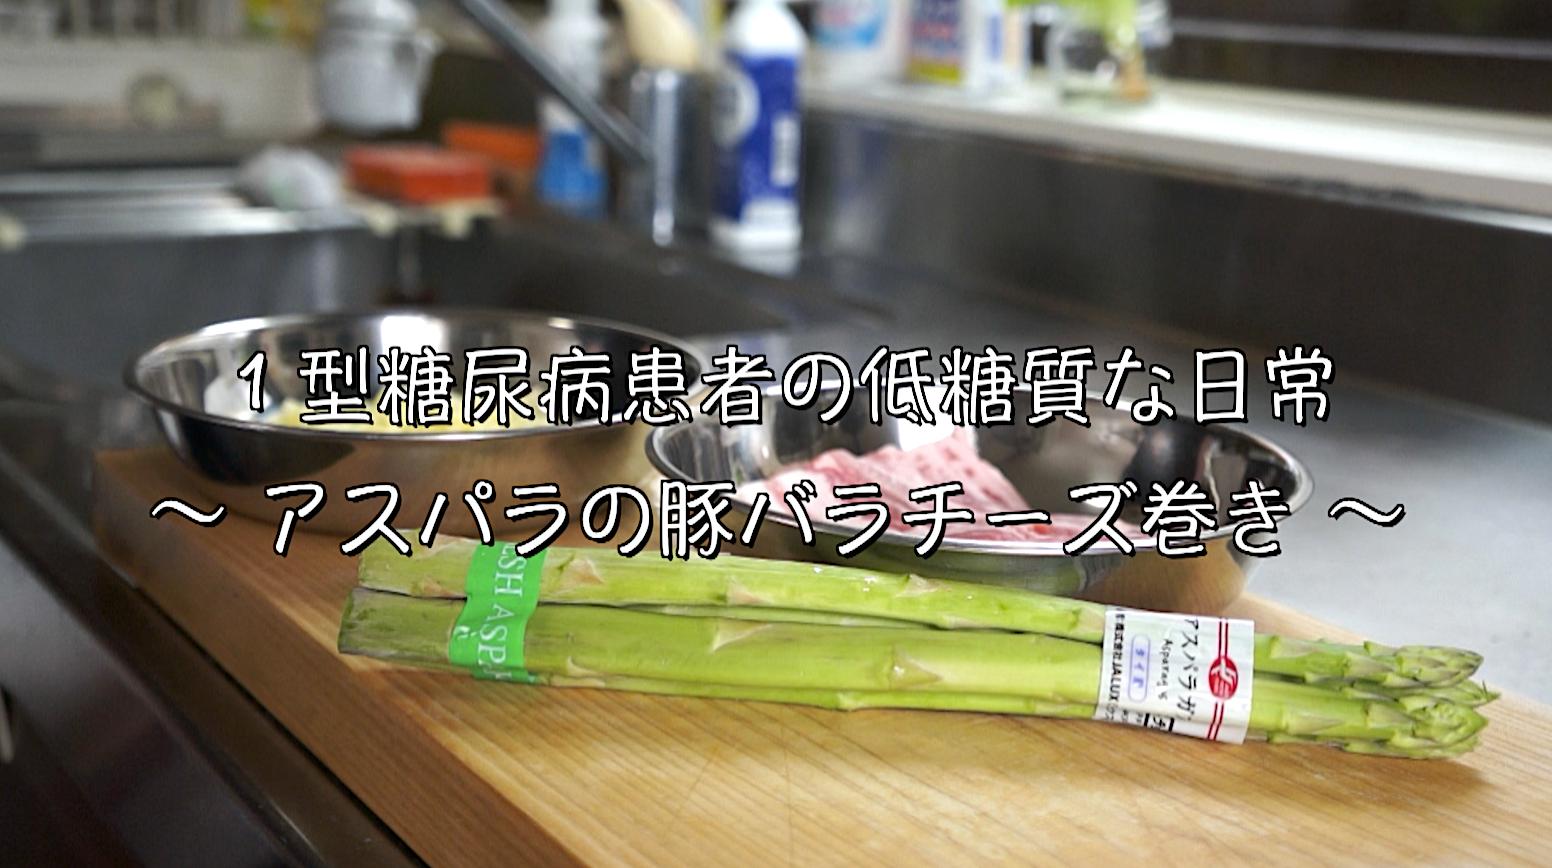 アスパラガス 豚バラ 糖質制限 レシピ